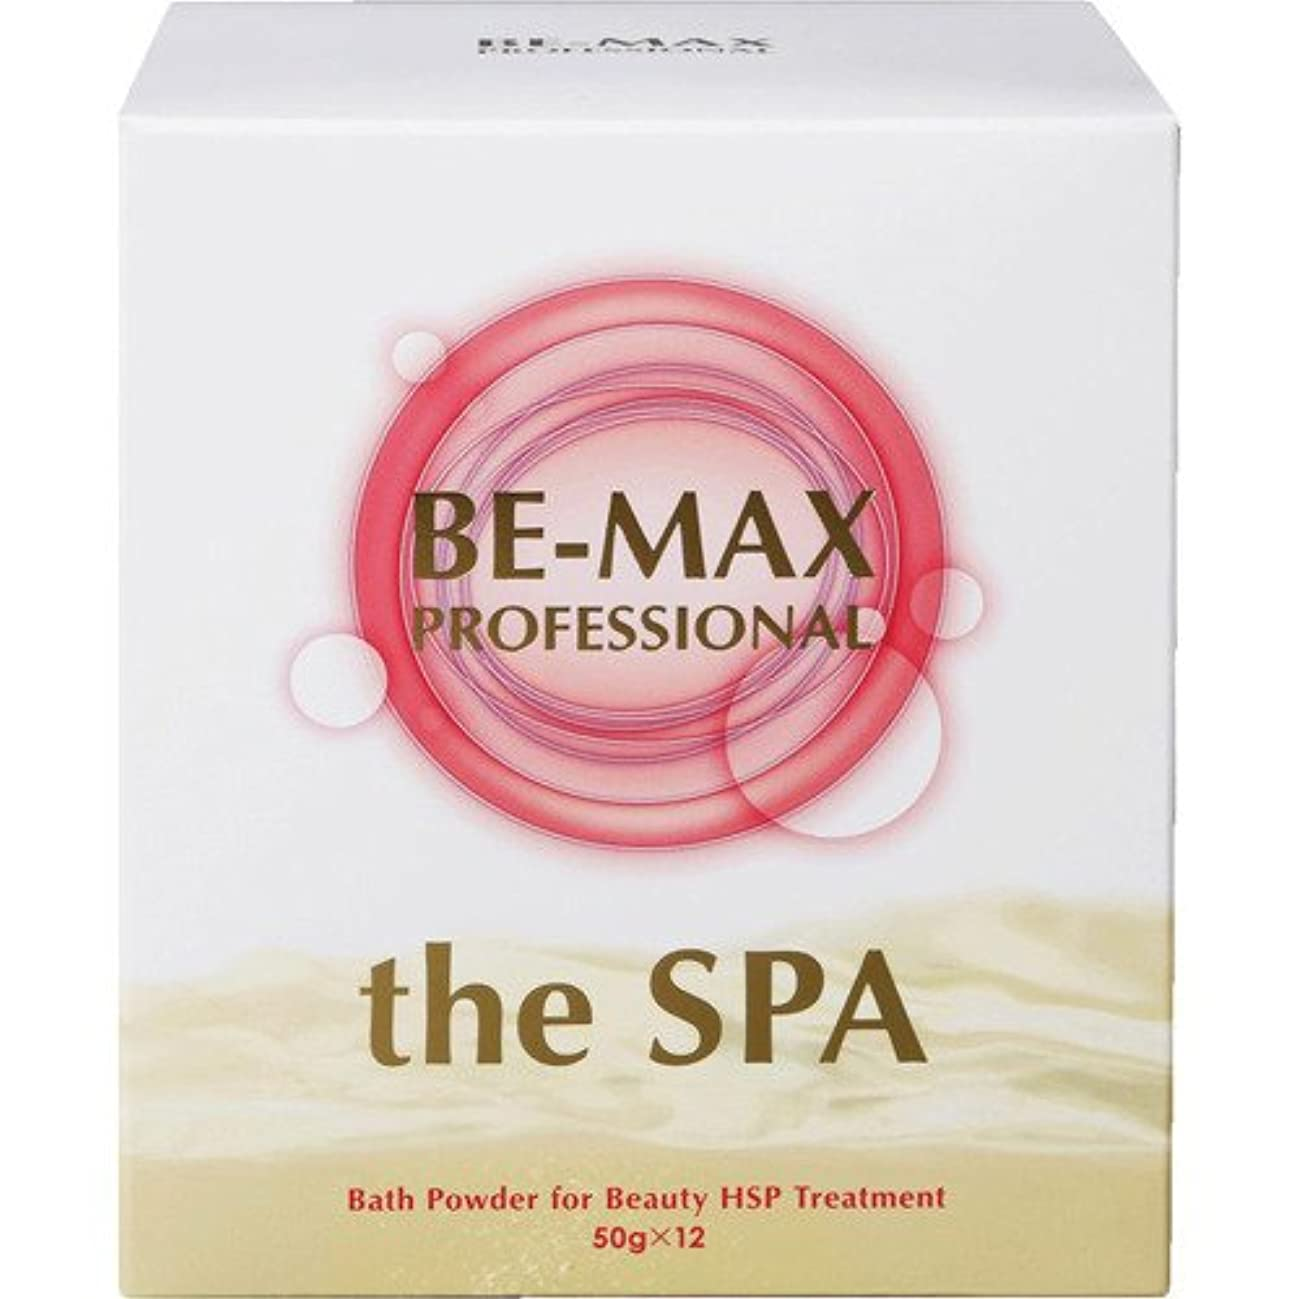 バウンスソーダ水カスケードBE-MAX the SPA 入浴剤 柑橘系ハーブ精油がふわりと香る微炭酸湯